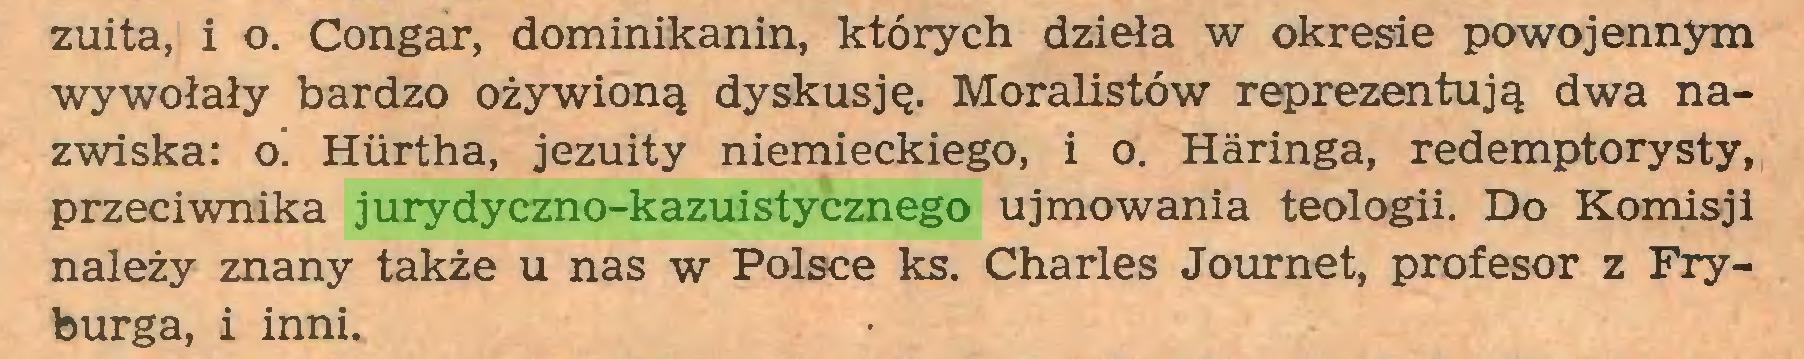 (...) zuita, i o. Congar, dominikanin, których dzieła w okresie powojennym wywołały bardzo ożywioną dyskusję. Moralistów reprezentują dwa nazwiska: o! Hiirtha, jezuity niemieckiego, i o. Haringa, redemptorysty, przeciwnika jurydyczno-kazuistycznego ujmowania teologii. Do Komisji należy znany także u nas w Polsce ks. Charles Journet, profesor z Fryburga, i inni...